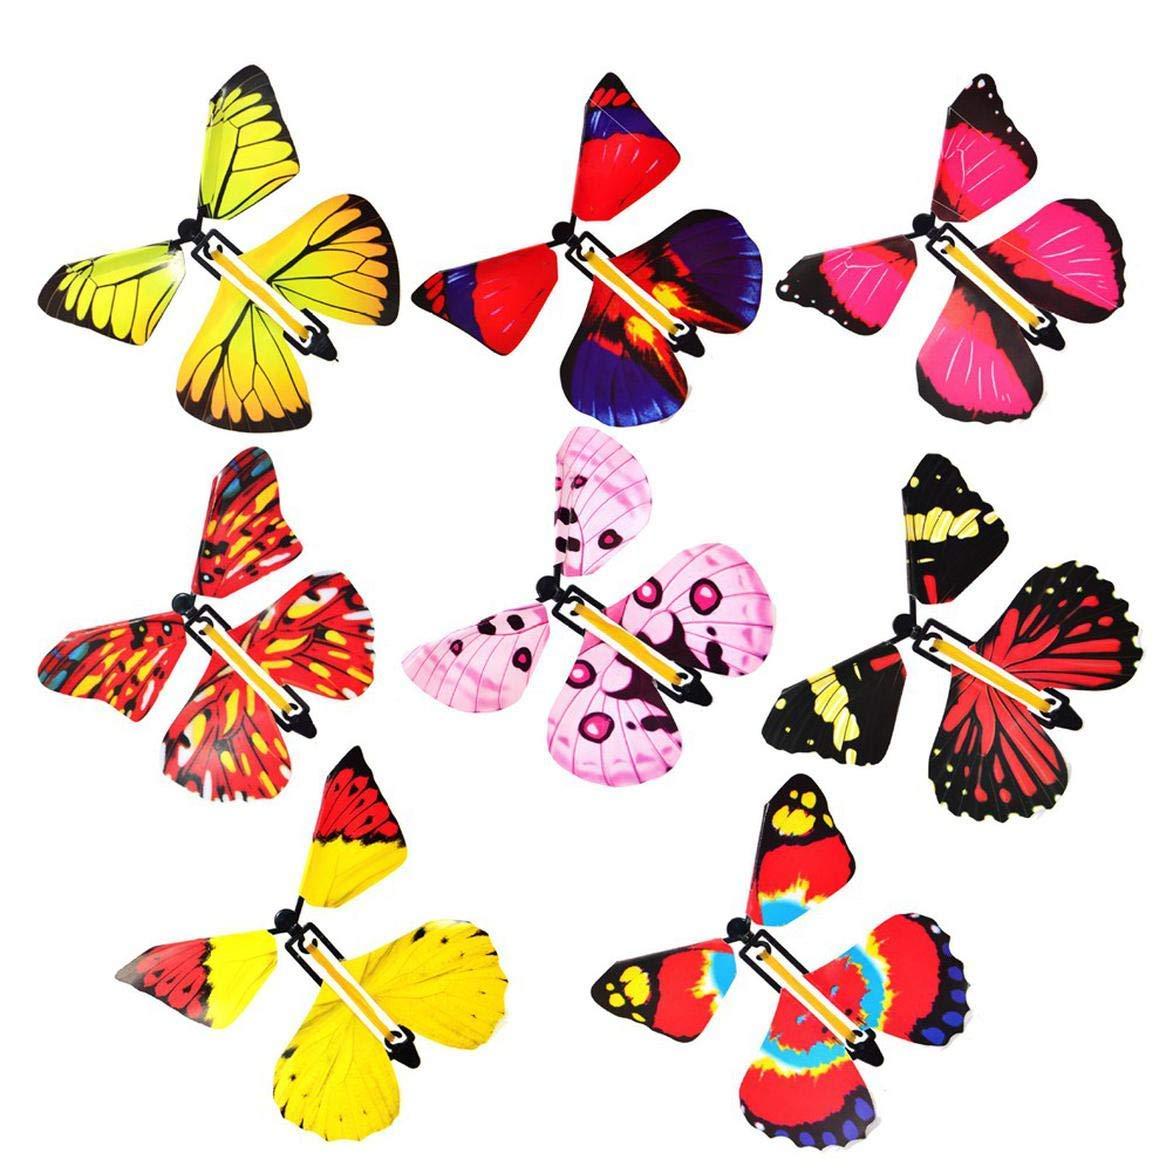 Couleur al/éatoire Aohua Plus R/écent Volant Papillon Accessoires Tours de Magie Jouets Dr/ôle Mystic Amusant Jouet Cadeau